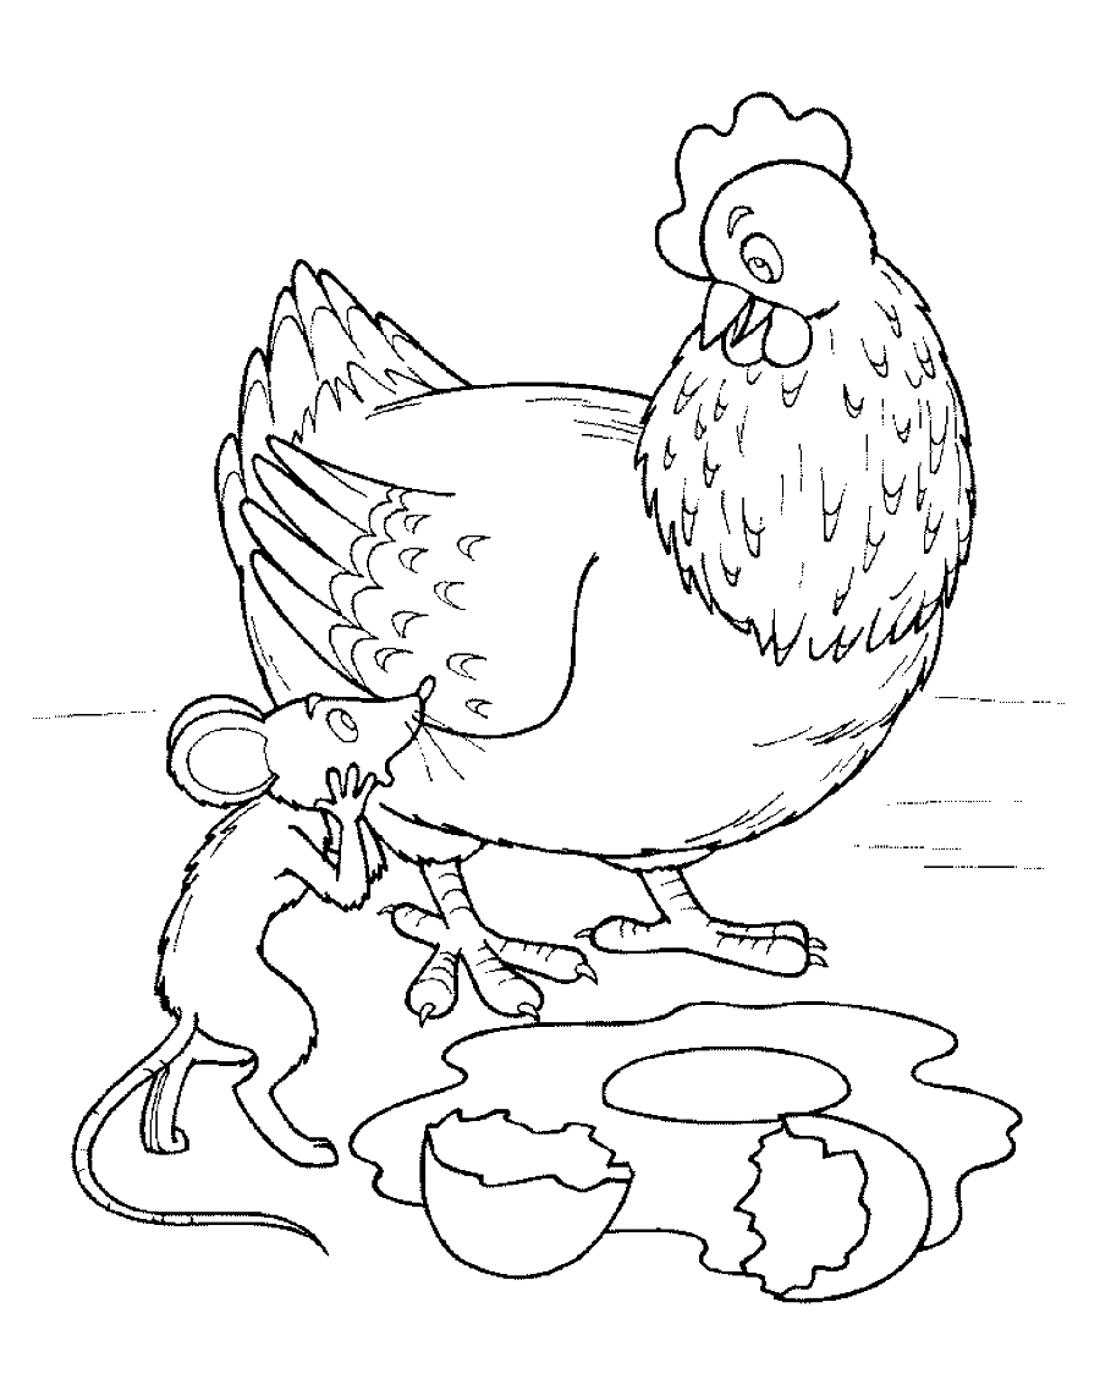 Курочка Ряба с мышкой - раскраска №723 | Printonic.ru